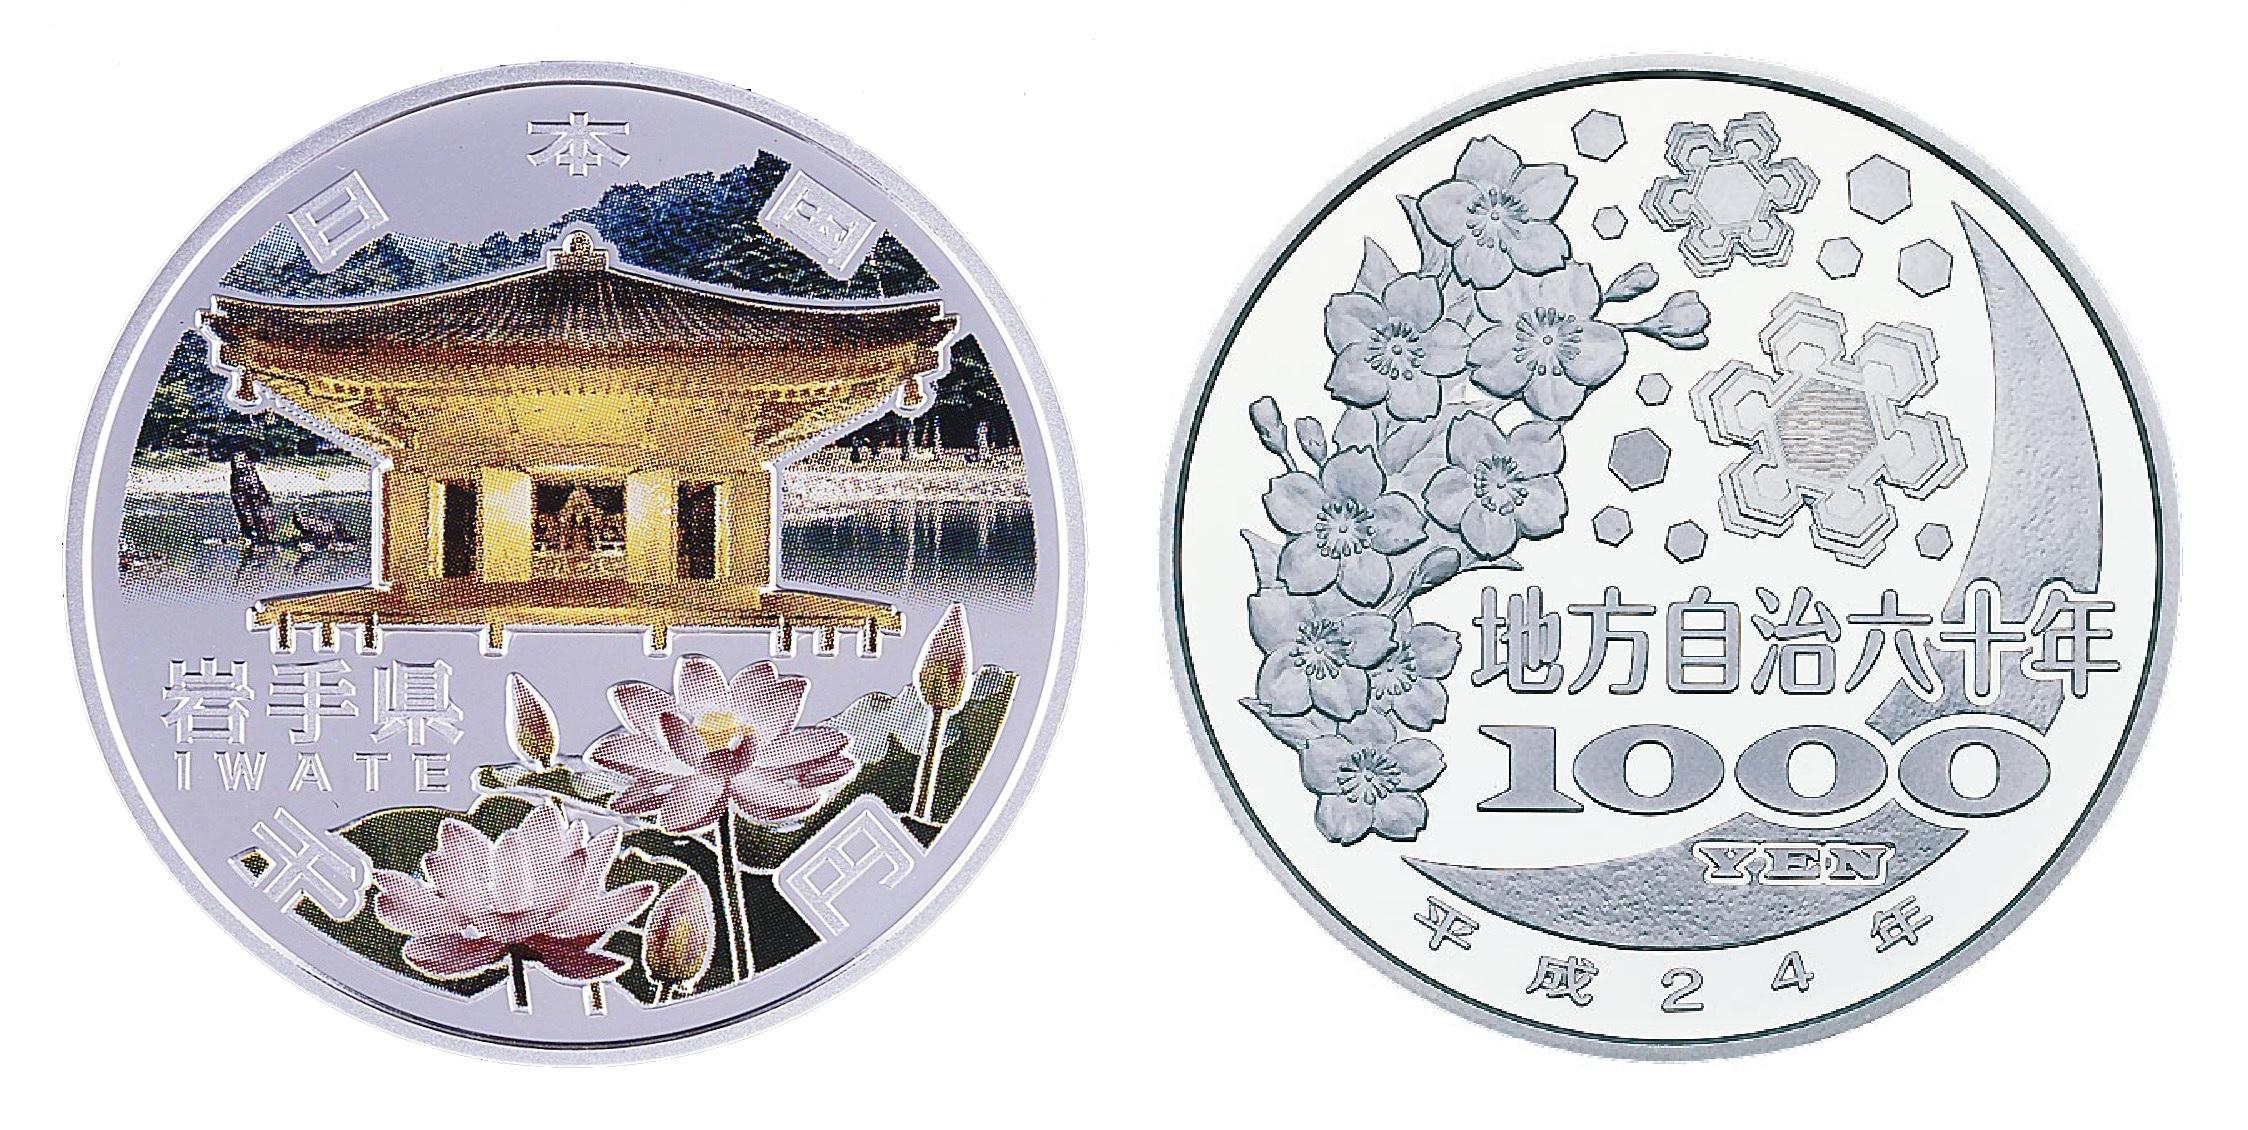 地方自治法施行60周年記念 岩手県分 1,000円銀貨幣